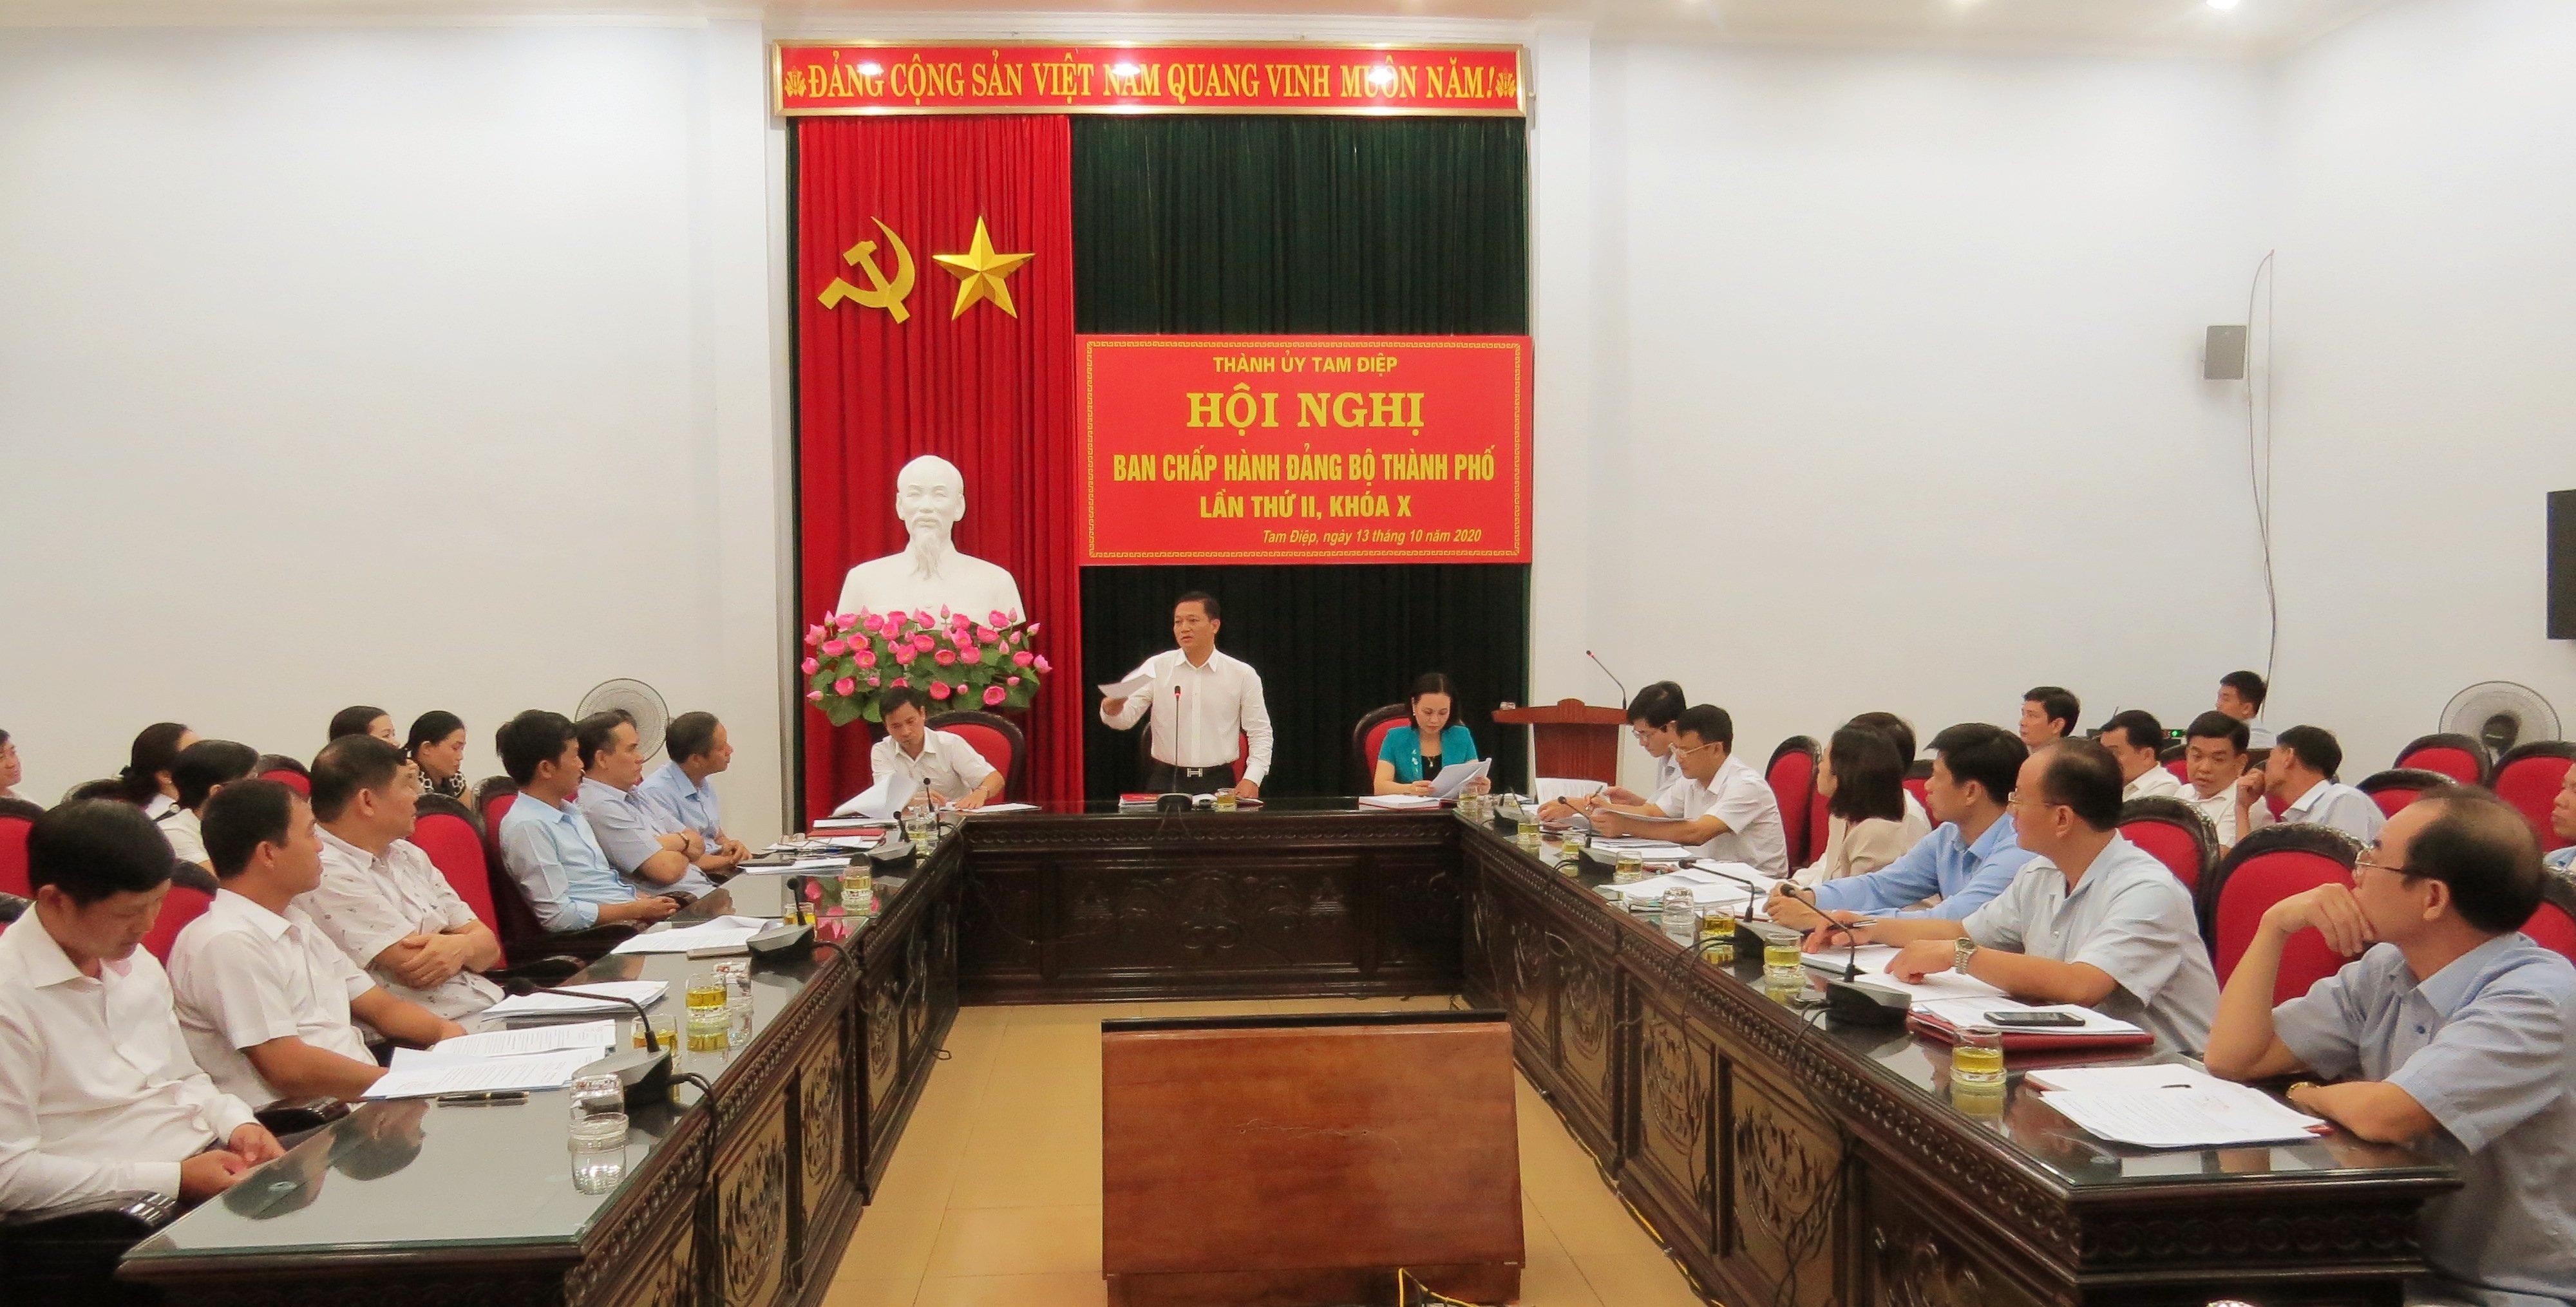 Đảng bộ thành phố tổ chức Hội nghị Ban chấp hành lần thứ II, khóa X, nhiệm kỳ 2020 – 2025.